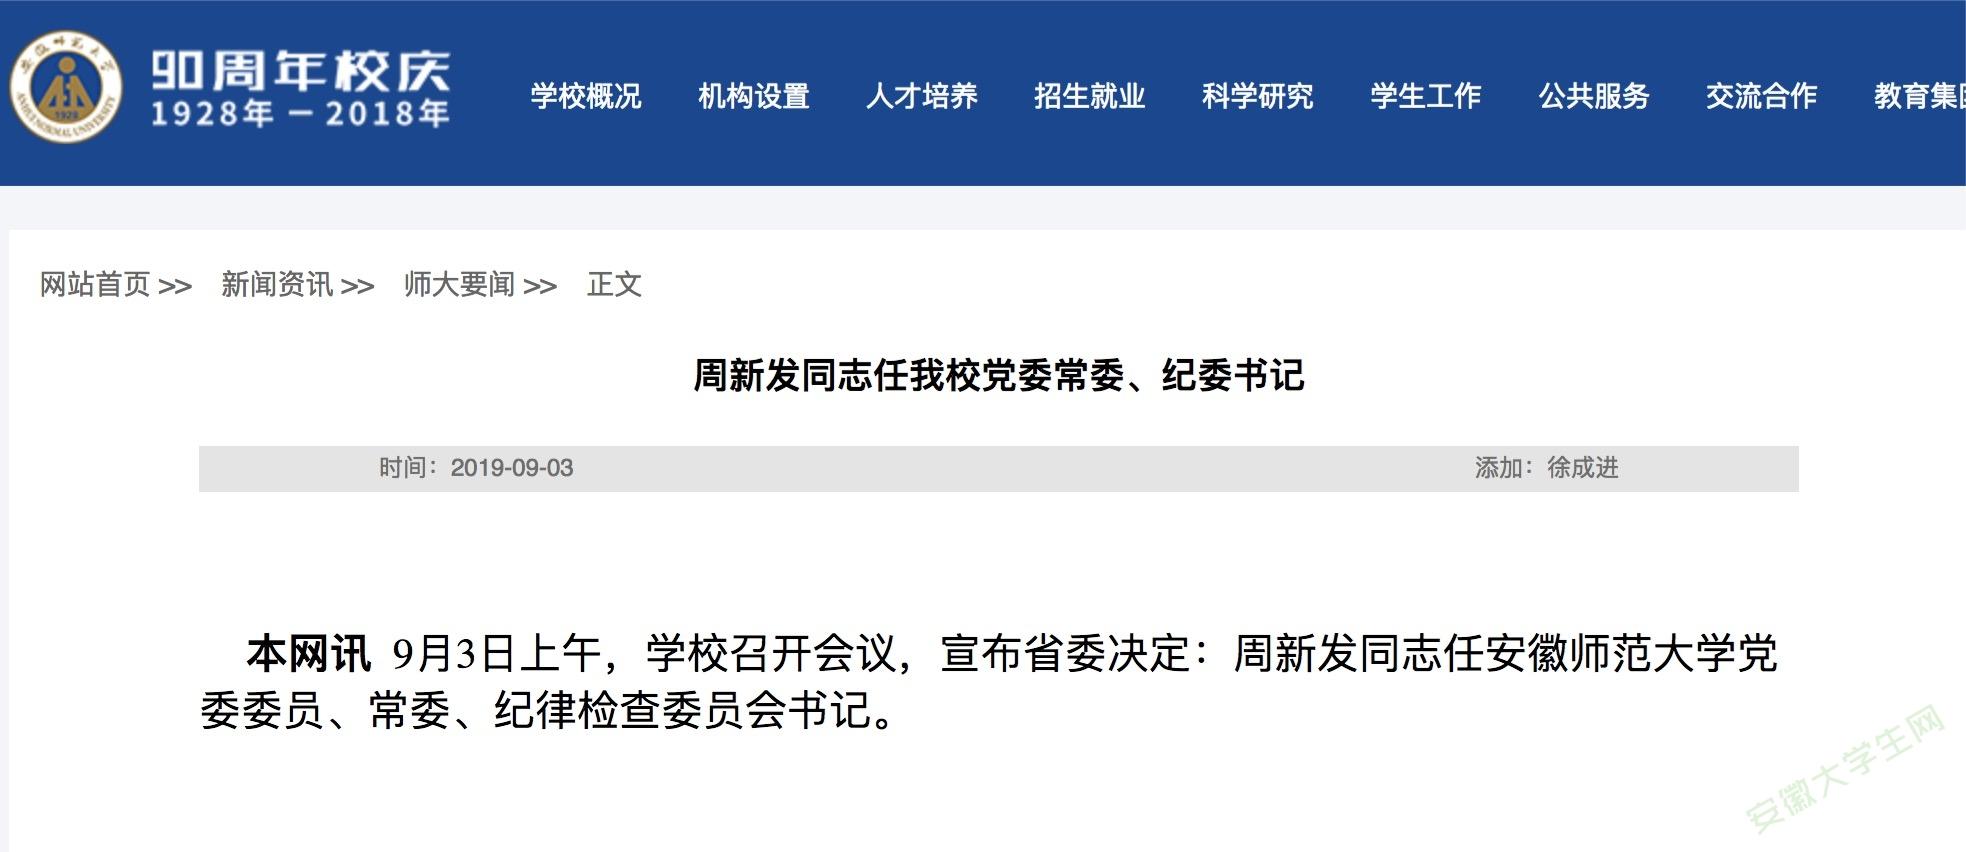 安徽高校领导班子调整,周新发任安徽师大党委常委、纪委书记